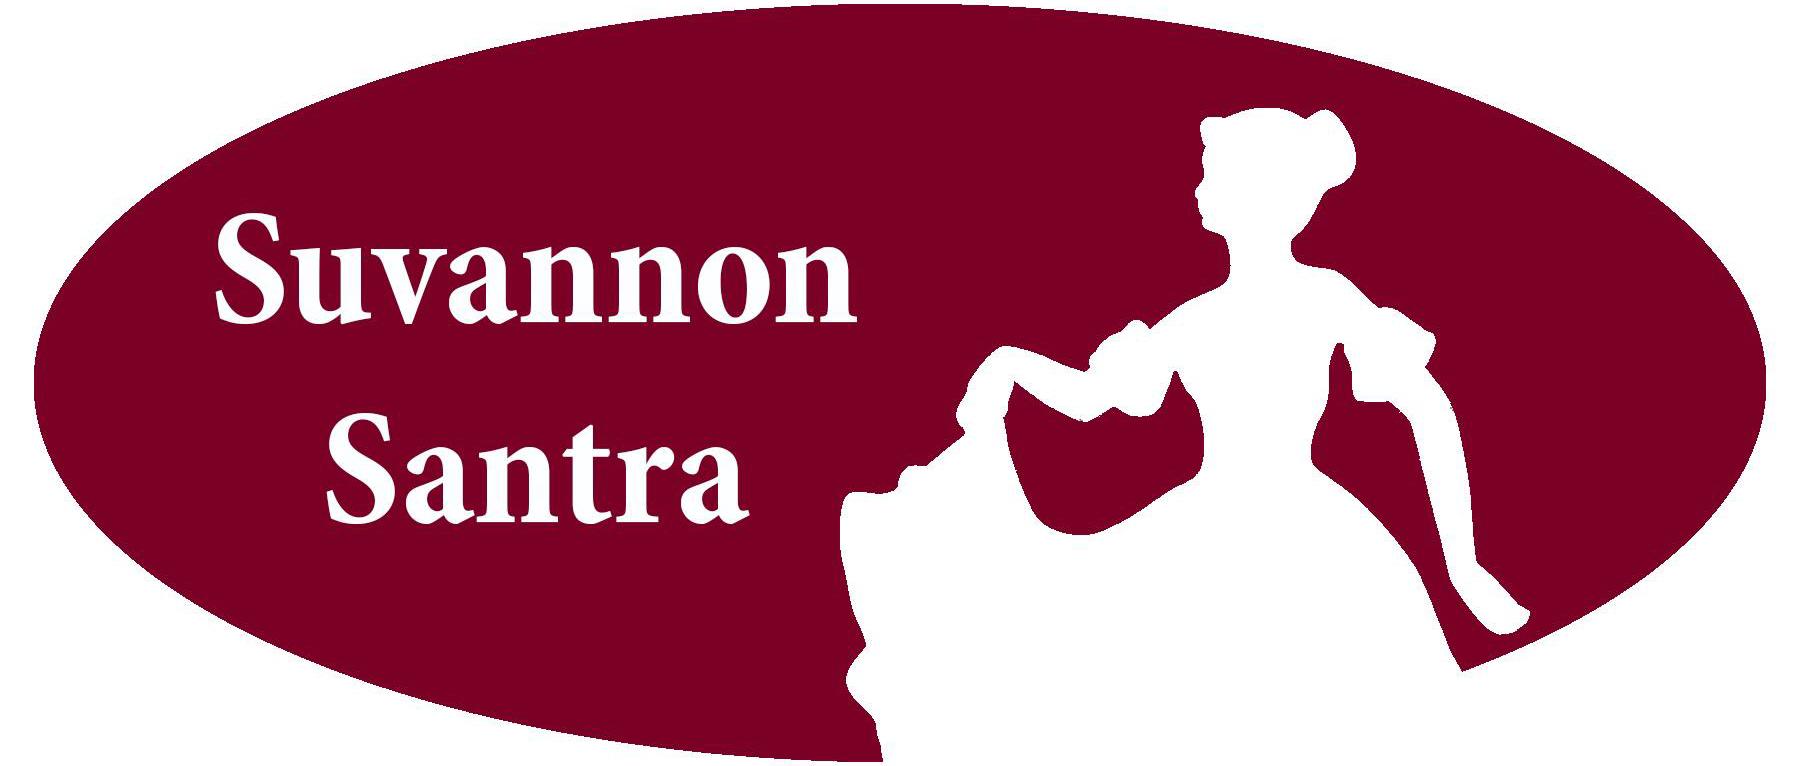 Suvannon Santran logo